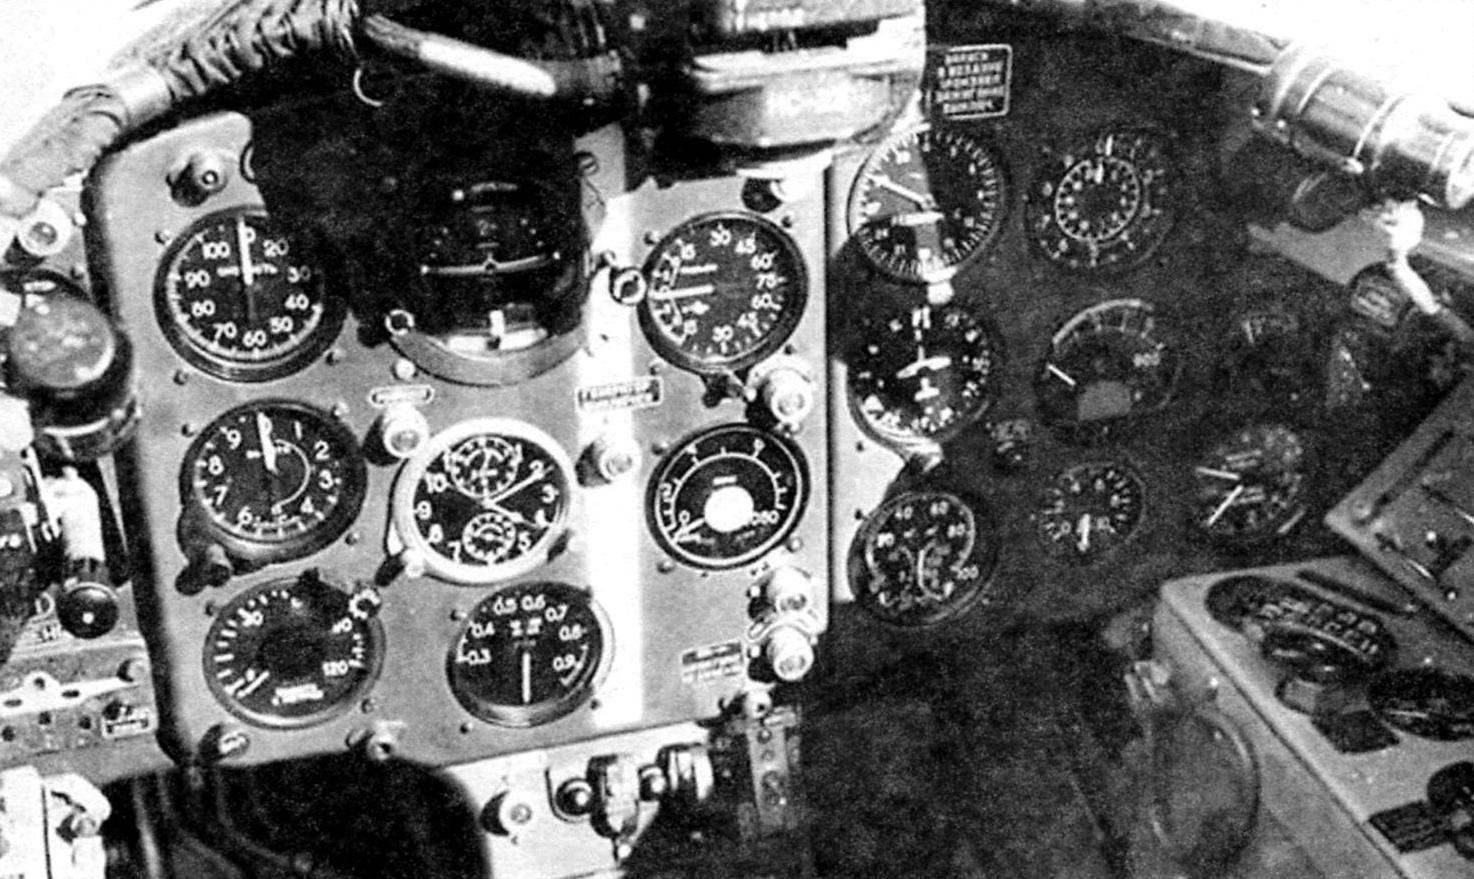 Приборная доска истребителя МиГ-15бис с белой полосой, облегчающей лётчику нахождение нейтрального положения ручки управления самолётом